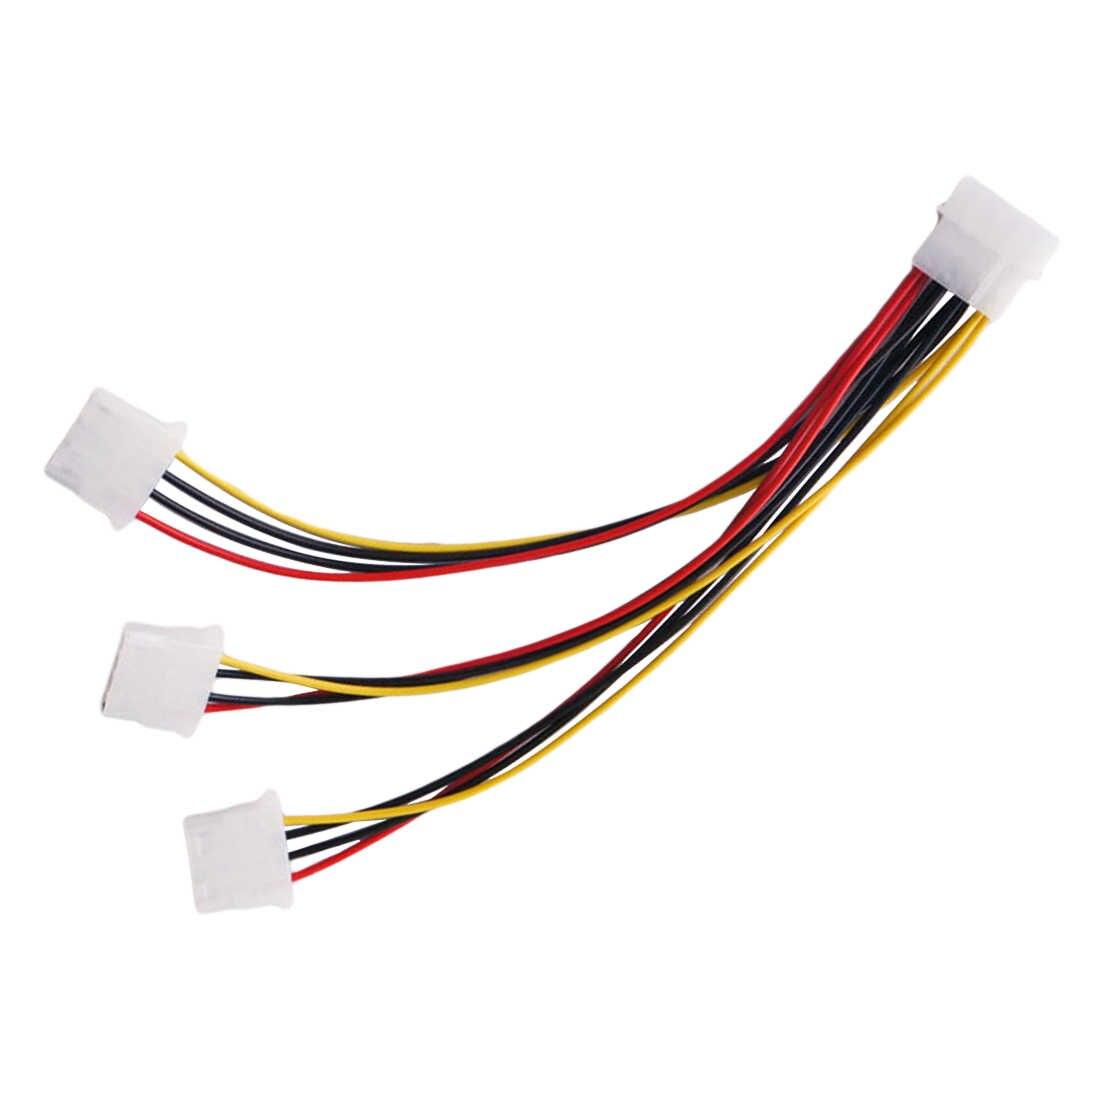 Hoge Kwaliteit 4Pin Ide Power Kabels HY1578 4 Pin Molex Male Naar 3 Poort Molex Ide Vrouwelijke Voeding Splitter adapter Kabel Hot